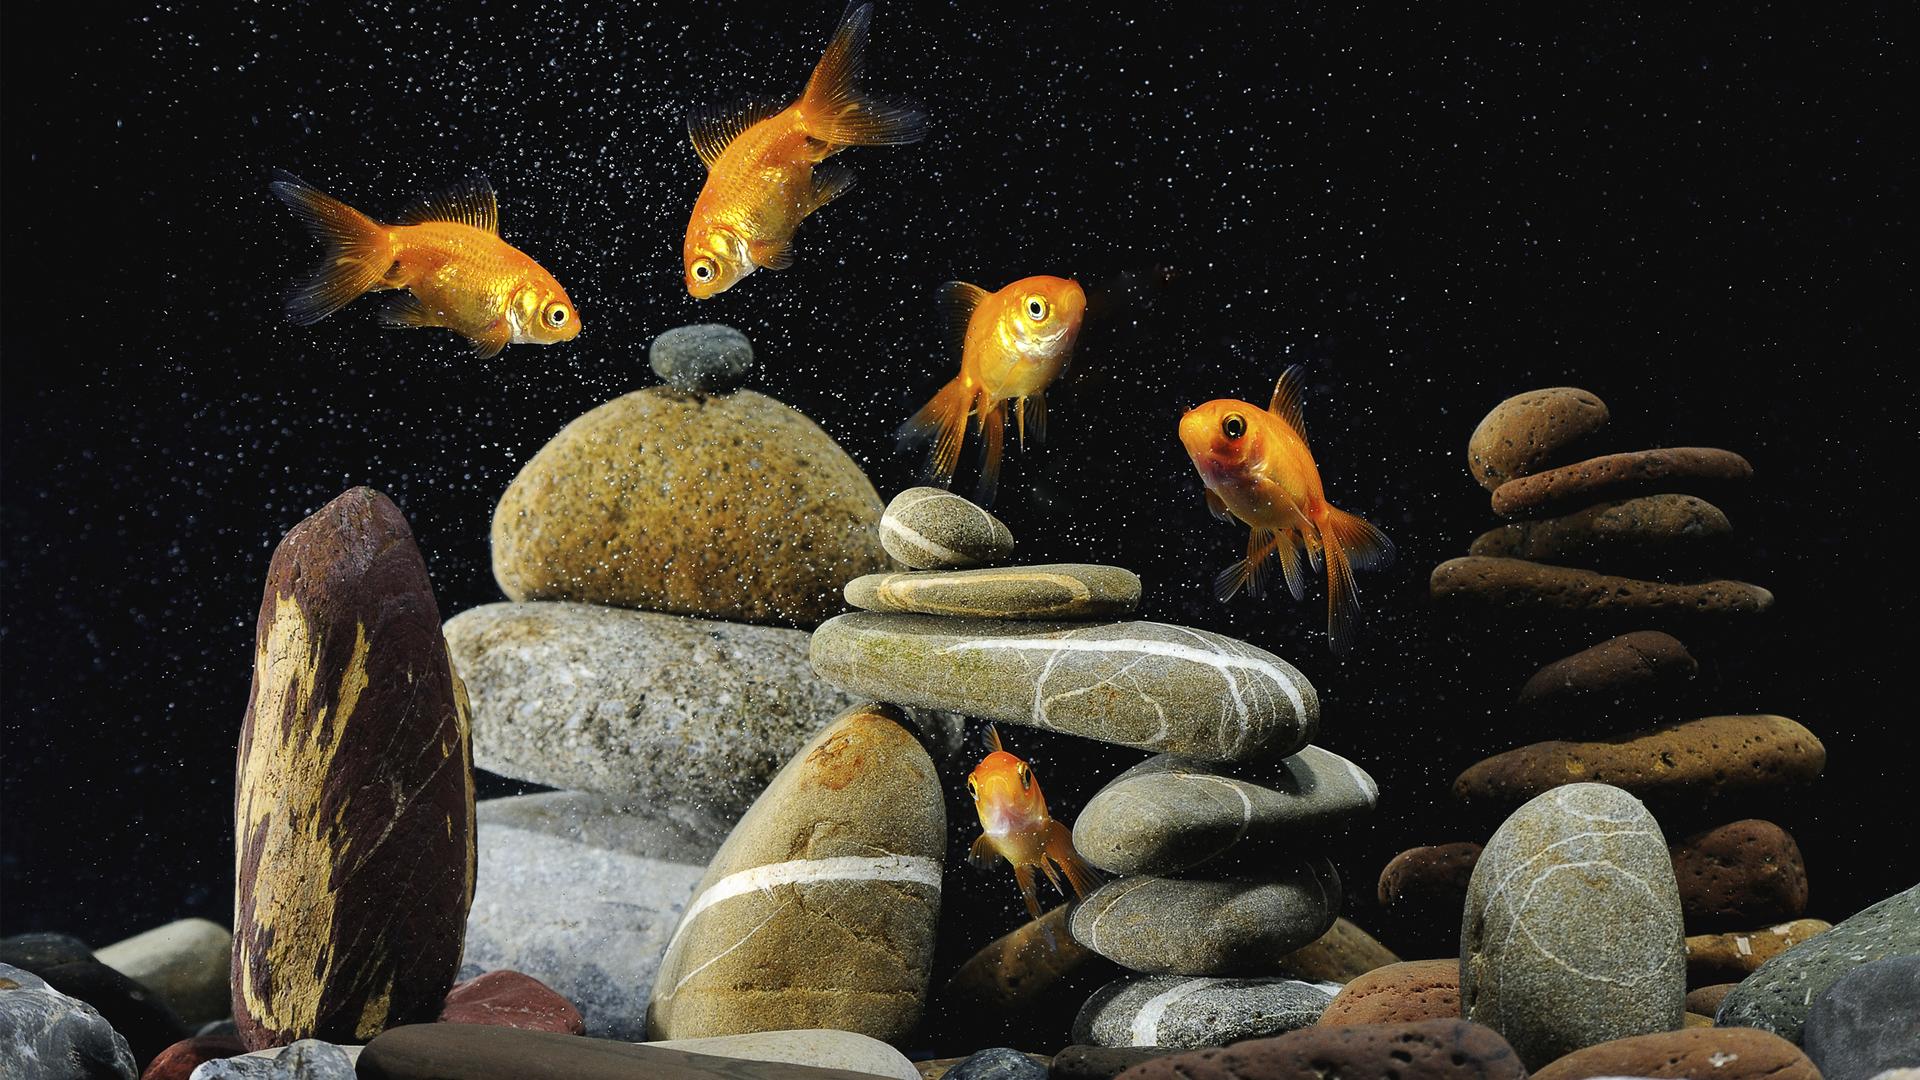 30288 Hintergrundbild herunterladen Tiere, Fotokunst, Fische - Bildschirmschoner und Bilder kostenlos